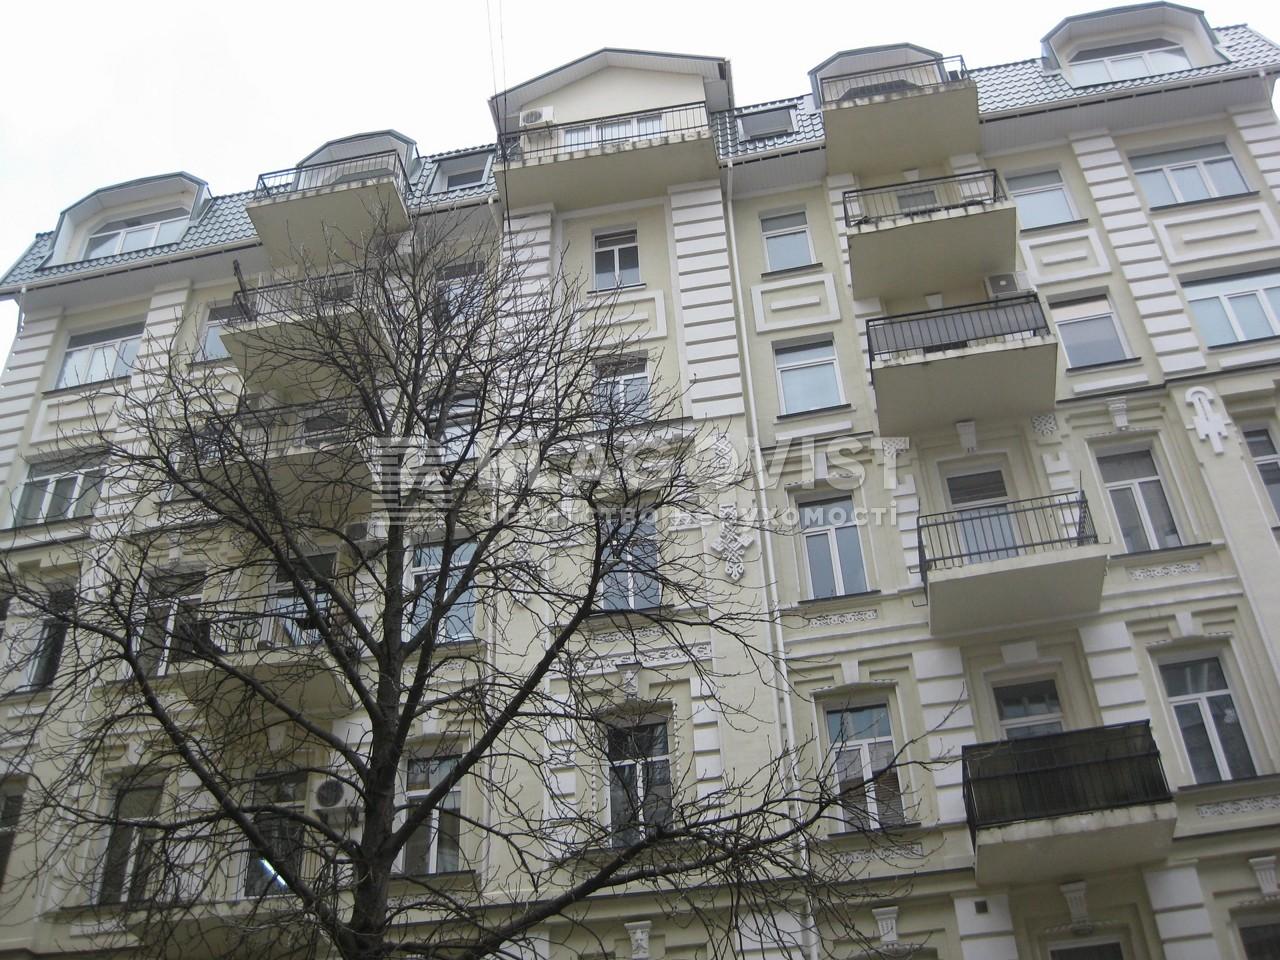 Квартира D-29341, Гончара Олеся, 47б, Киев - Фото 3